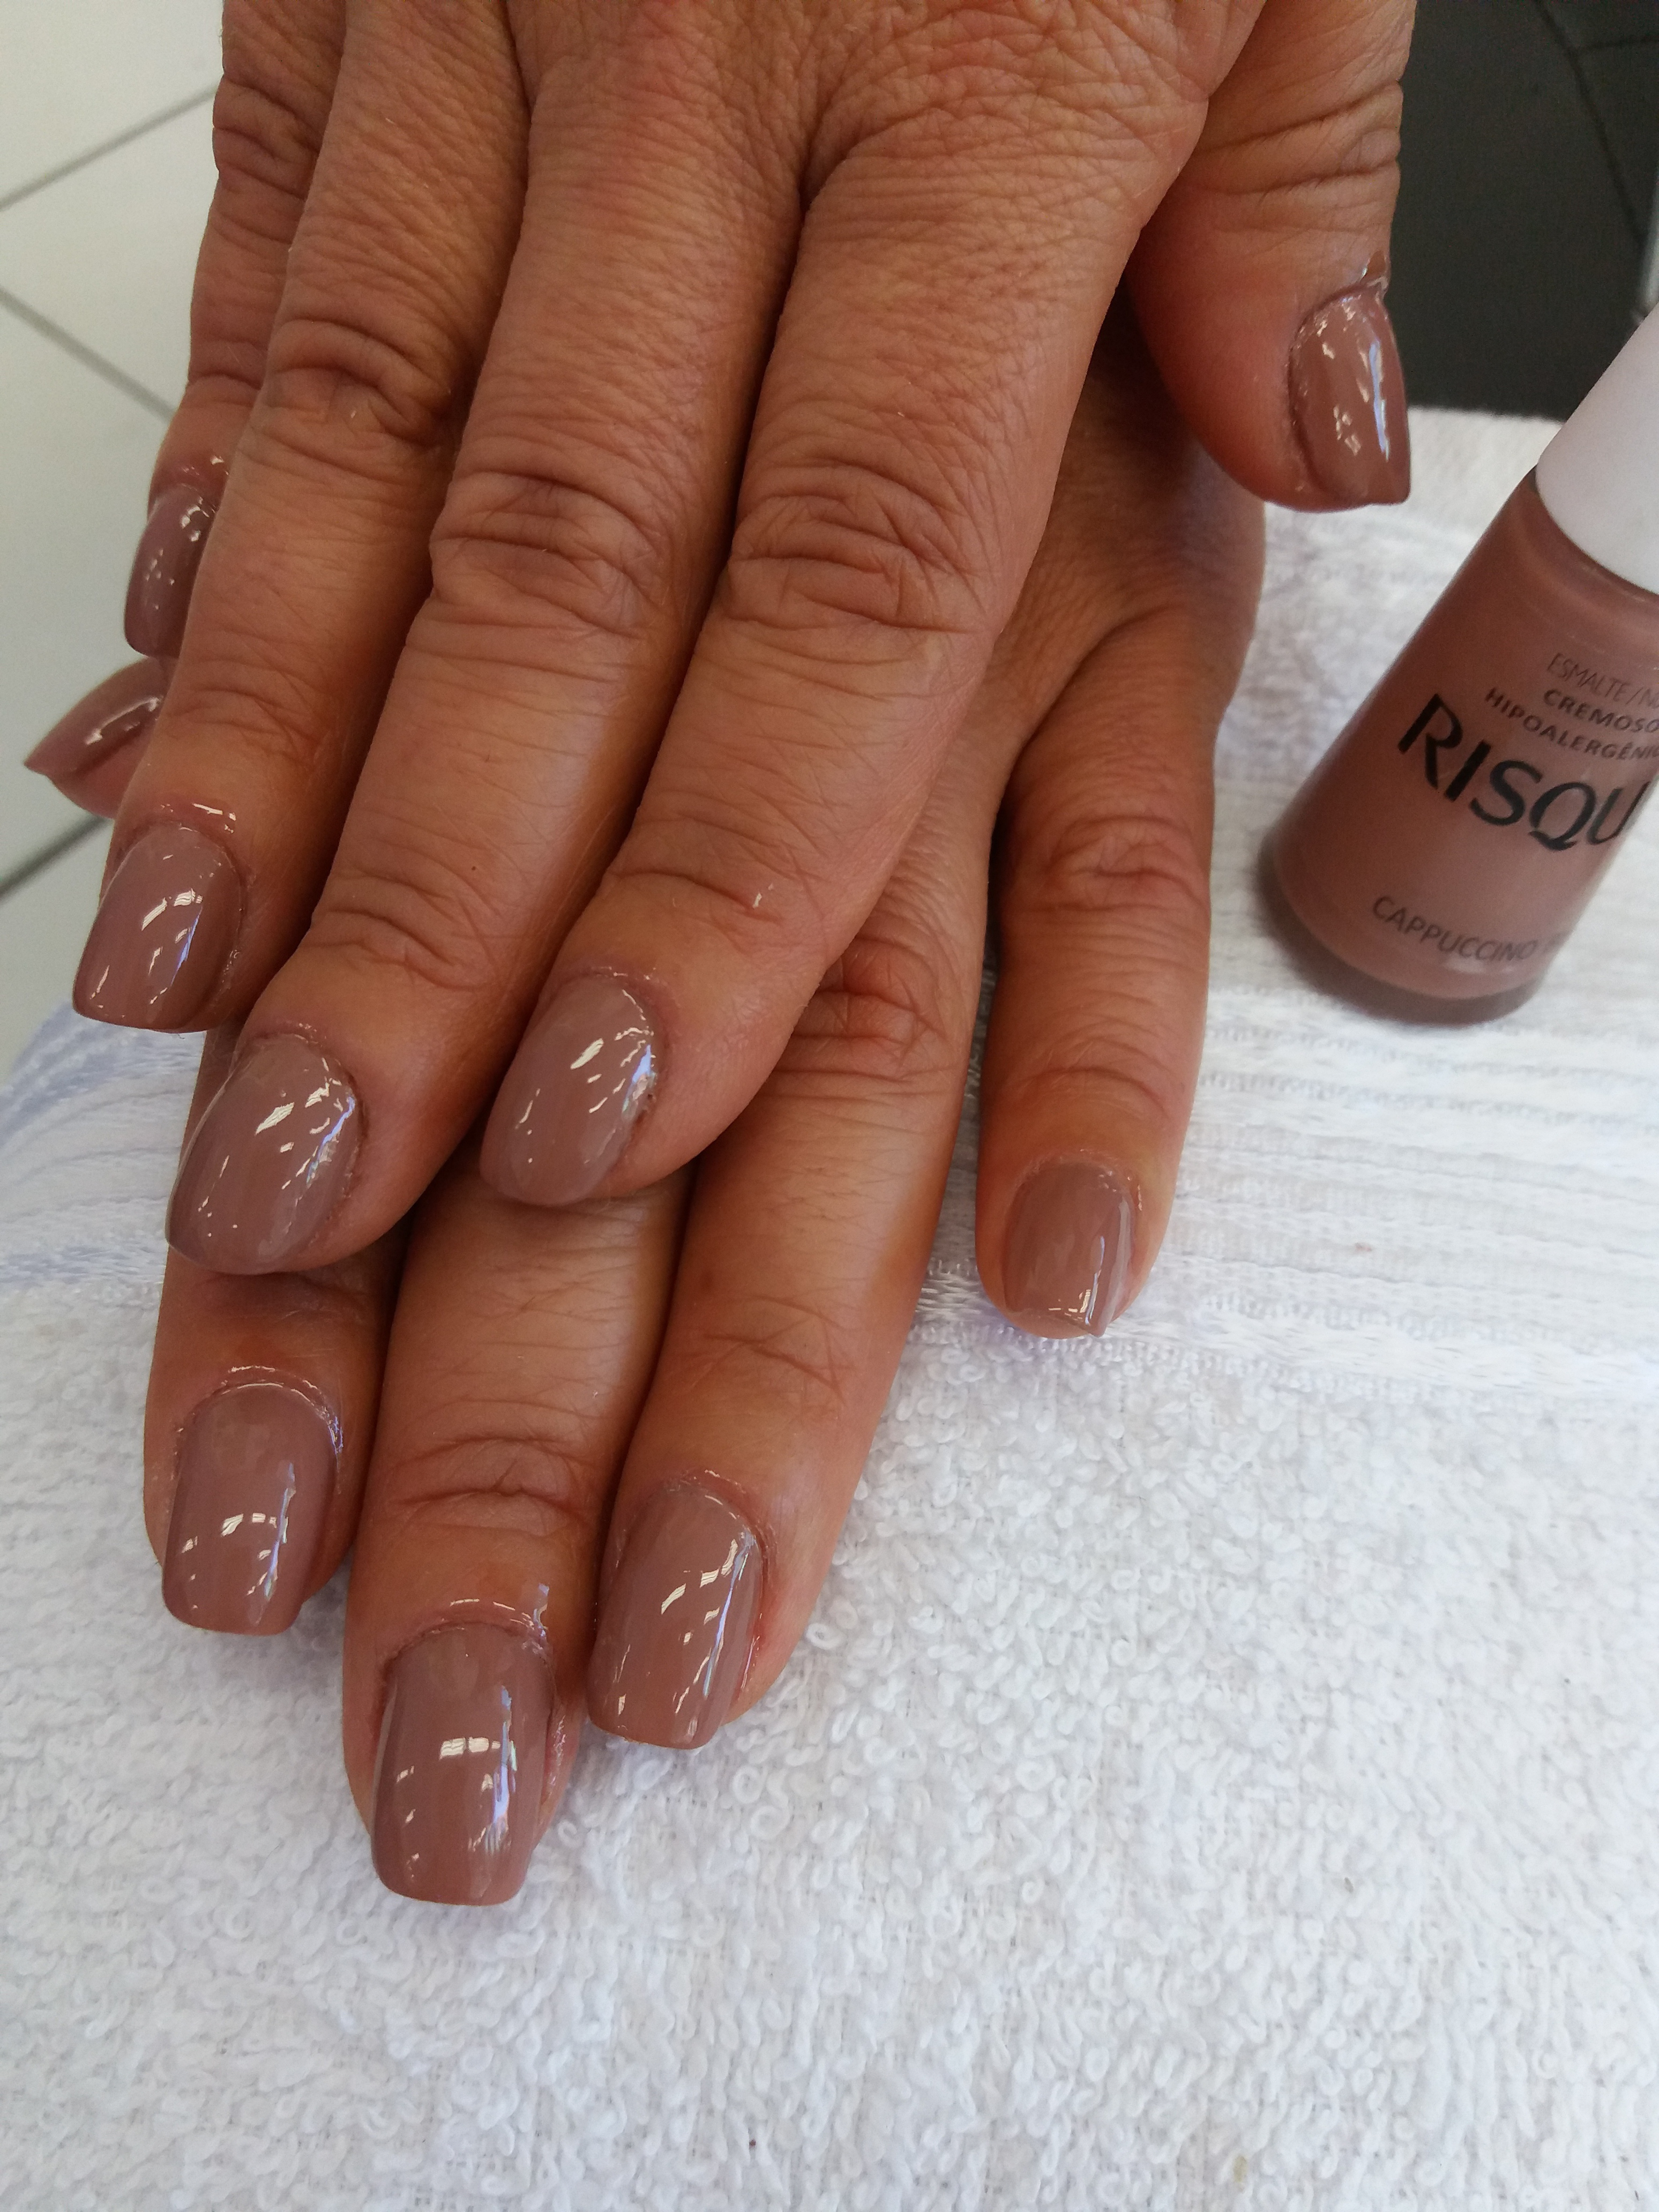 #manicureporamor #risquecapuccino #nails  unha manicure e pedicure